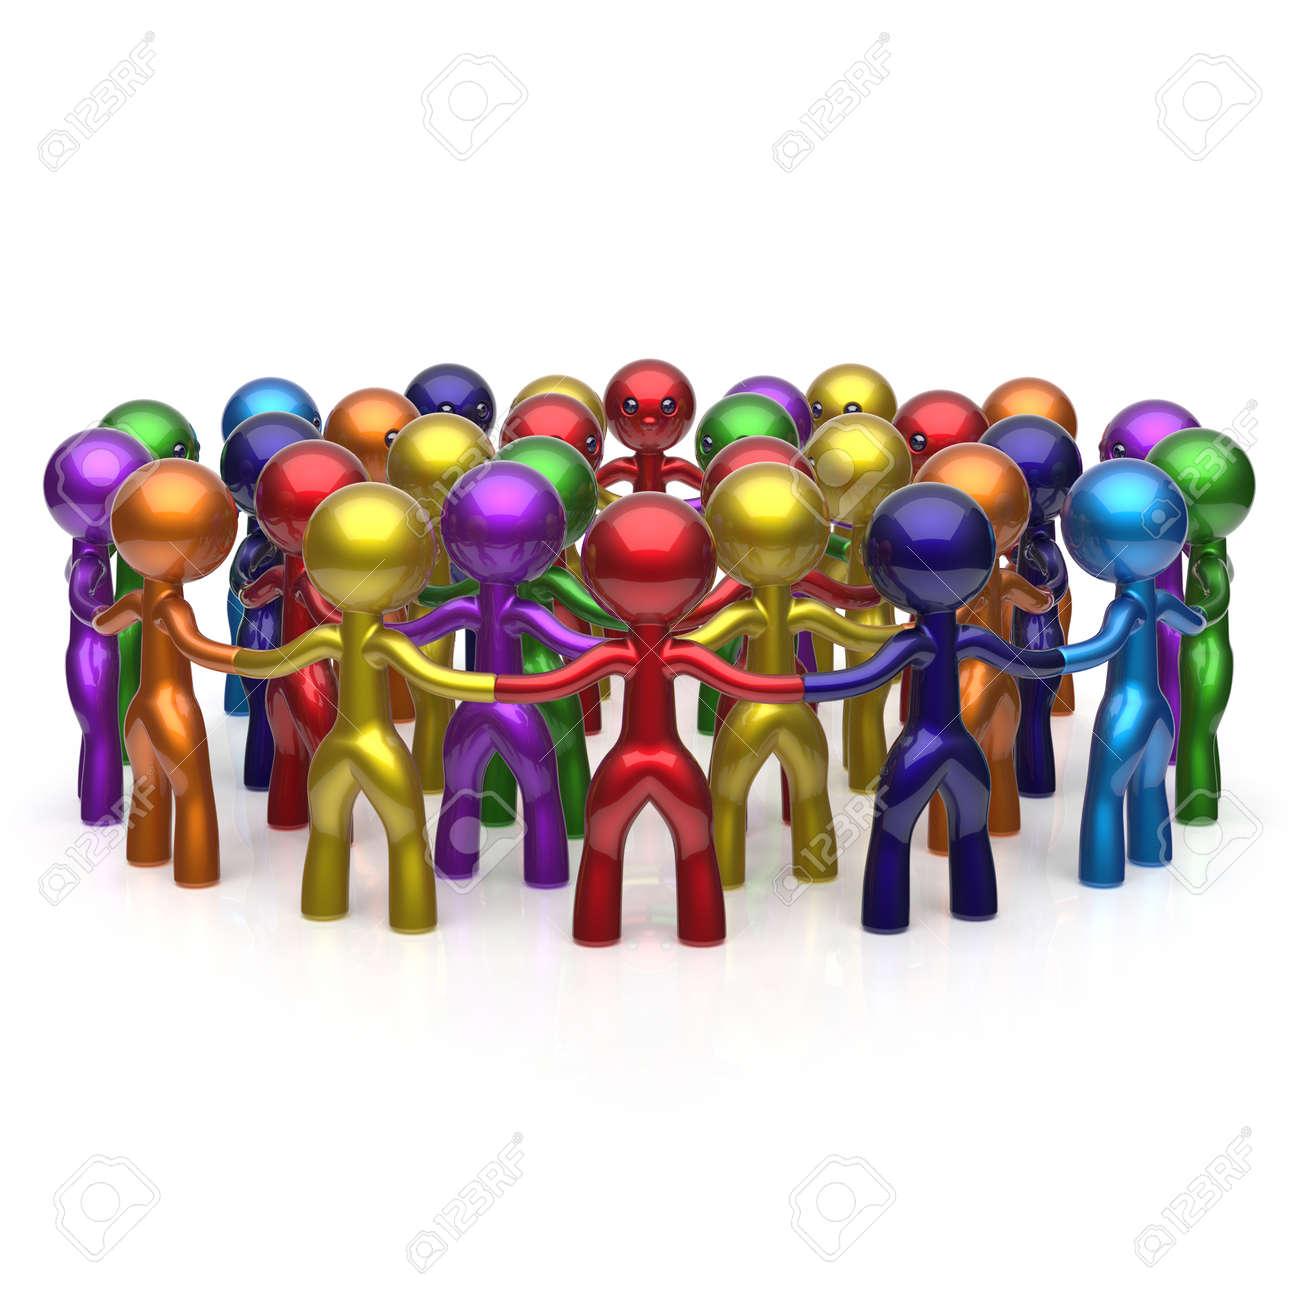 Gran Red Social De Personas En Grupo Teamwork Personajes Círculo De